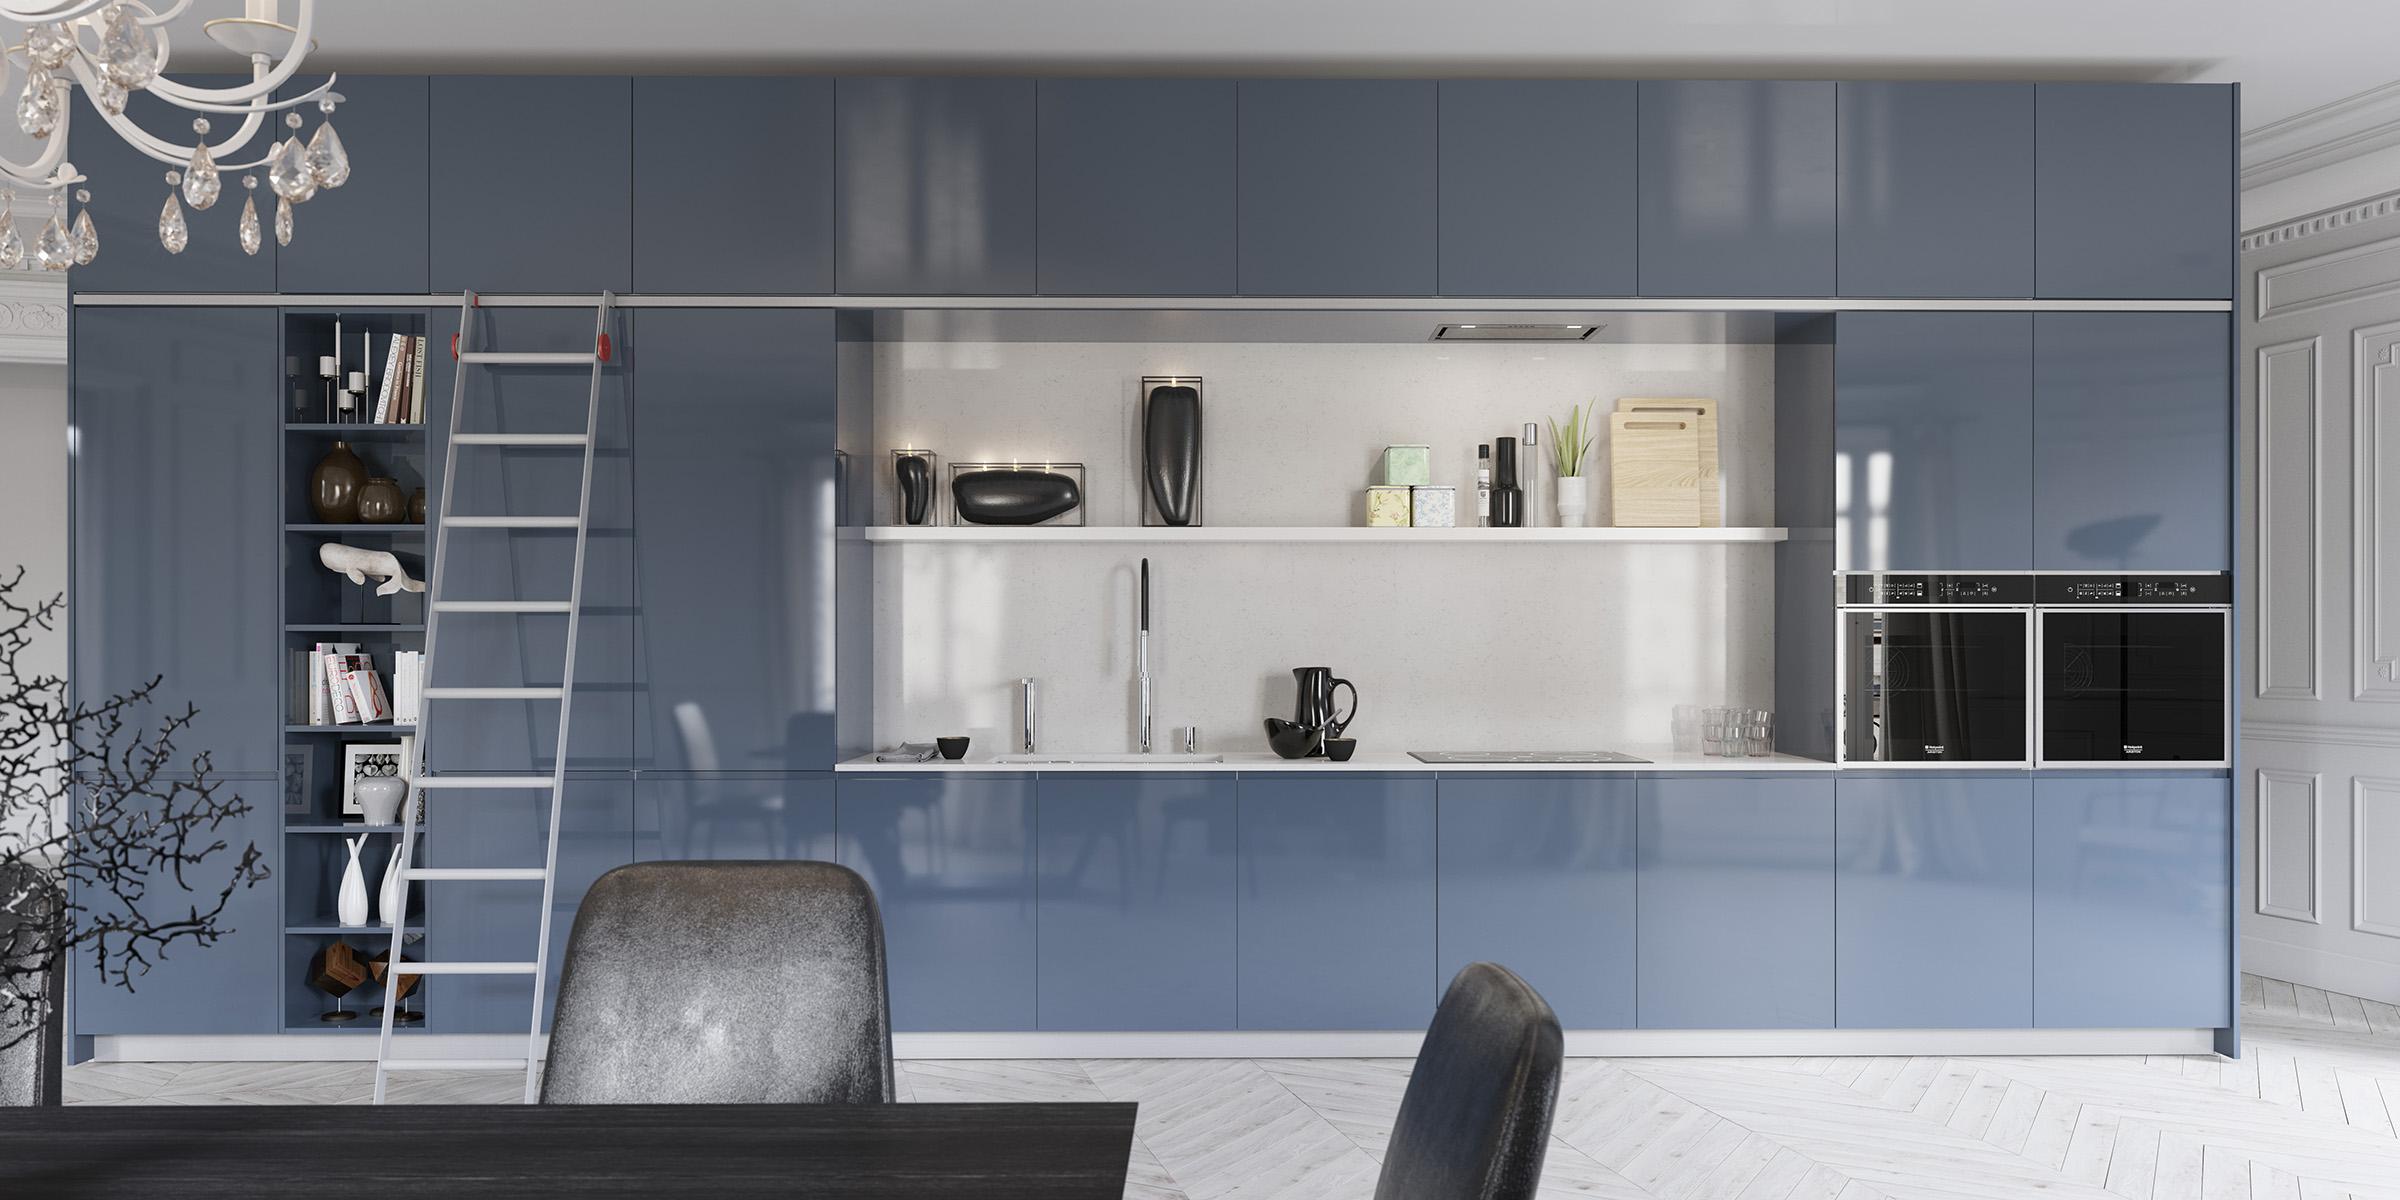 Amalfi Full, la nuova cucina firmata Del Tongo - Abita design